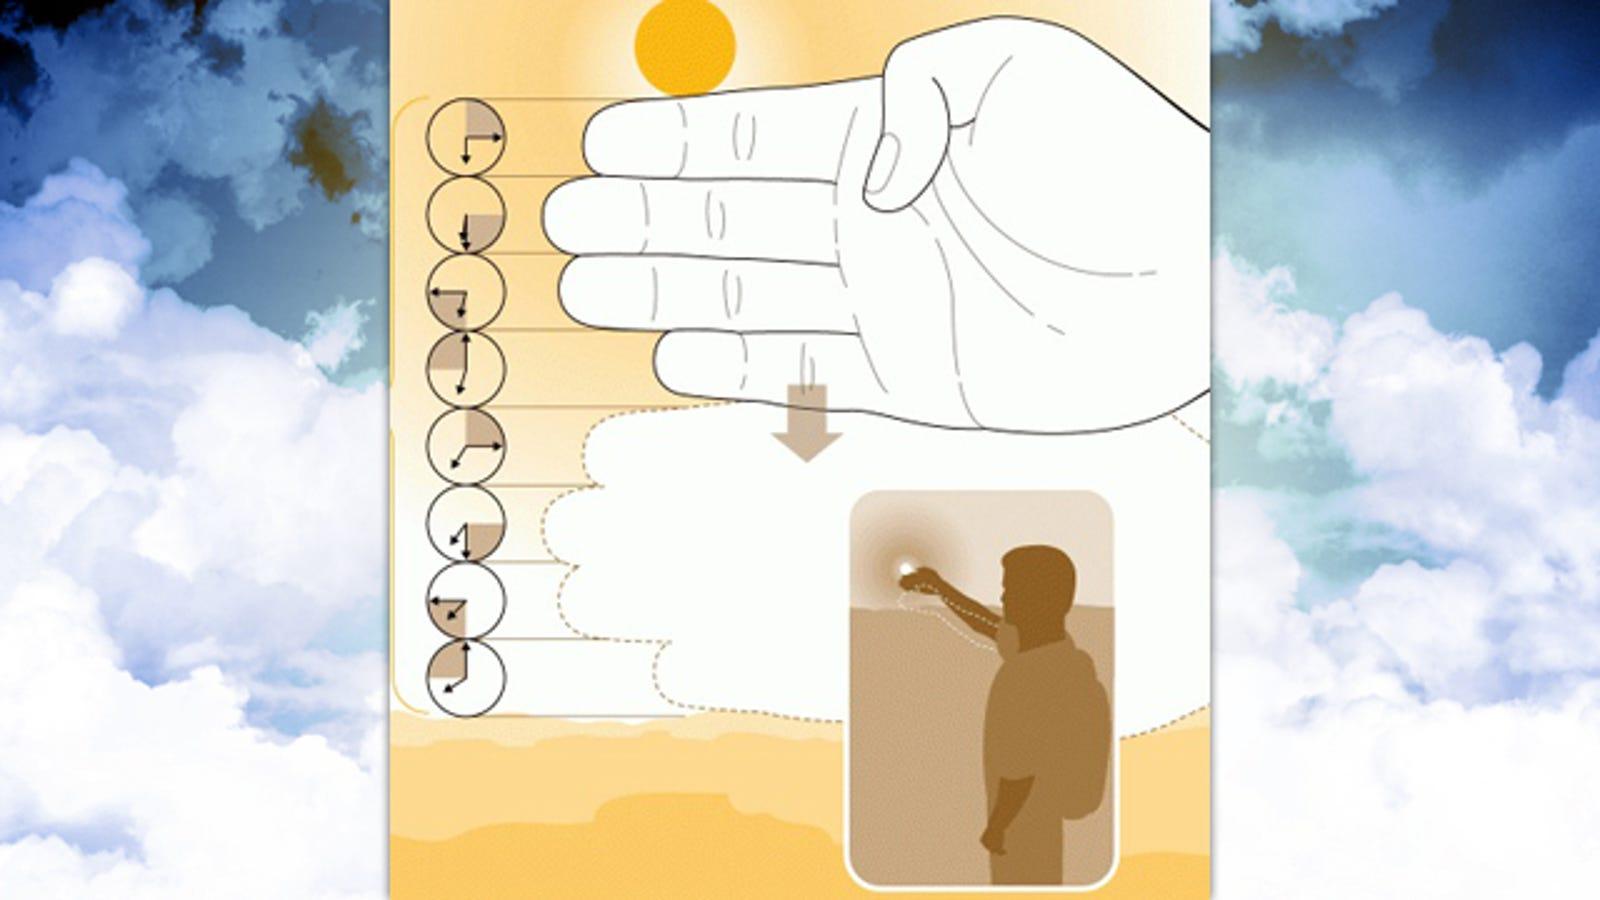 Stimare l'ora del tramonto con la tua mano-8361